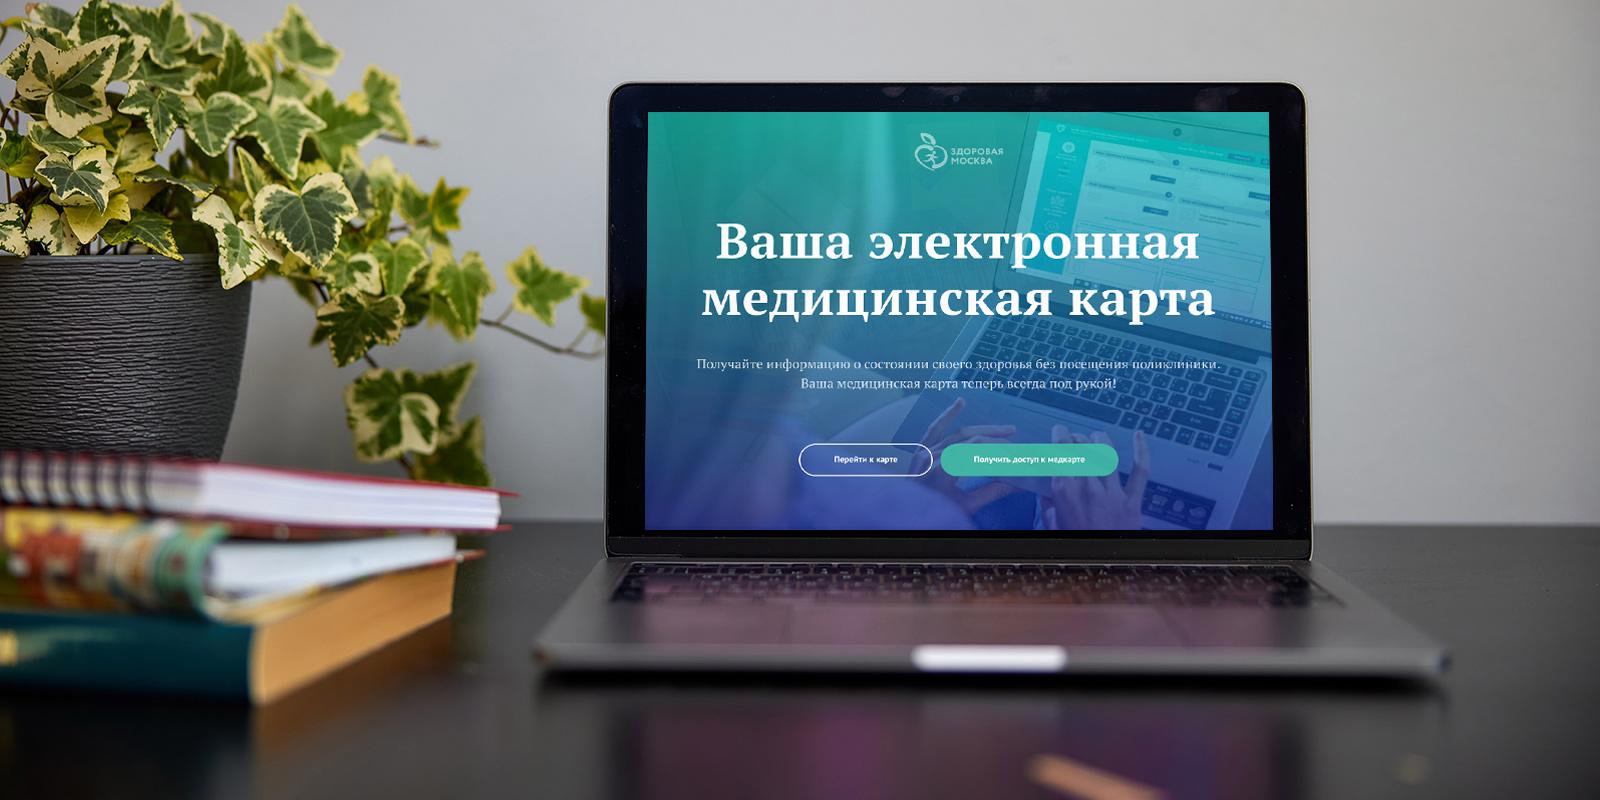 Доступ к электронной медицинской карте для москвичей упрощен — Сергей Собянин